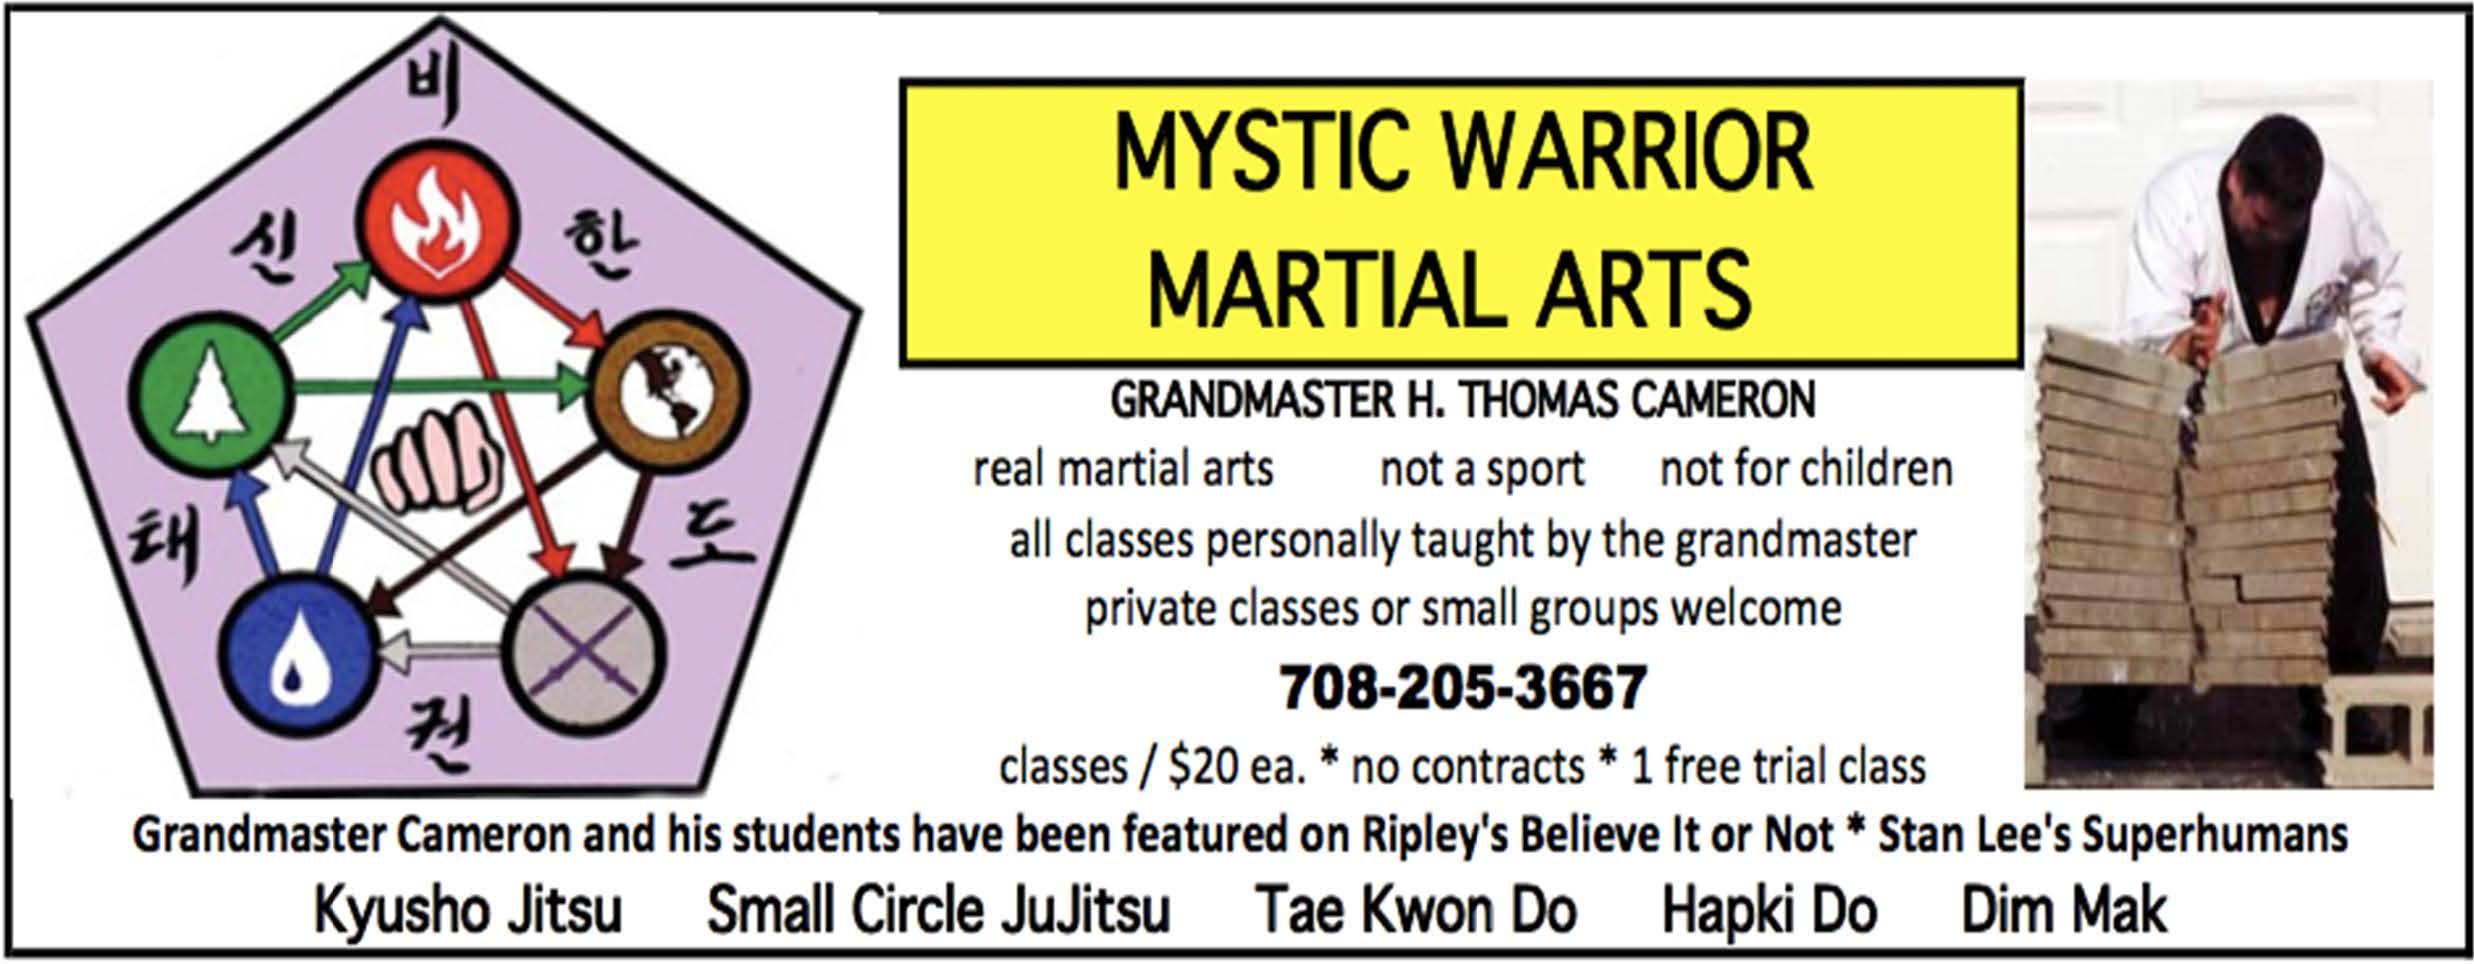 mystical-warrior-dec-ad-cropped